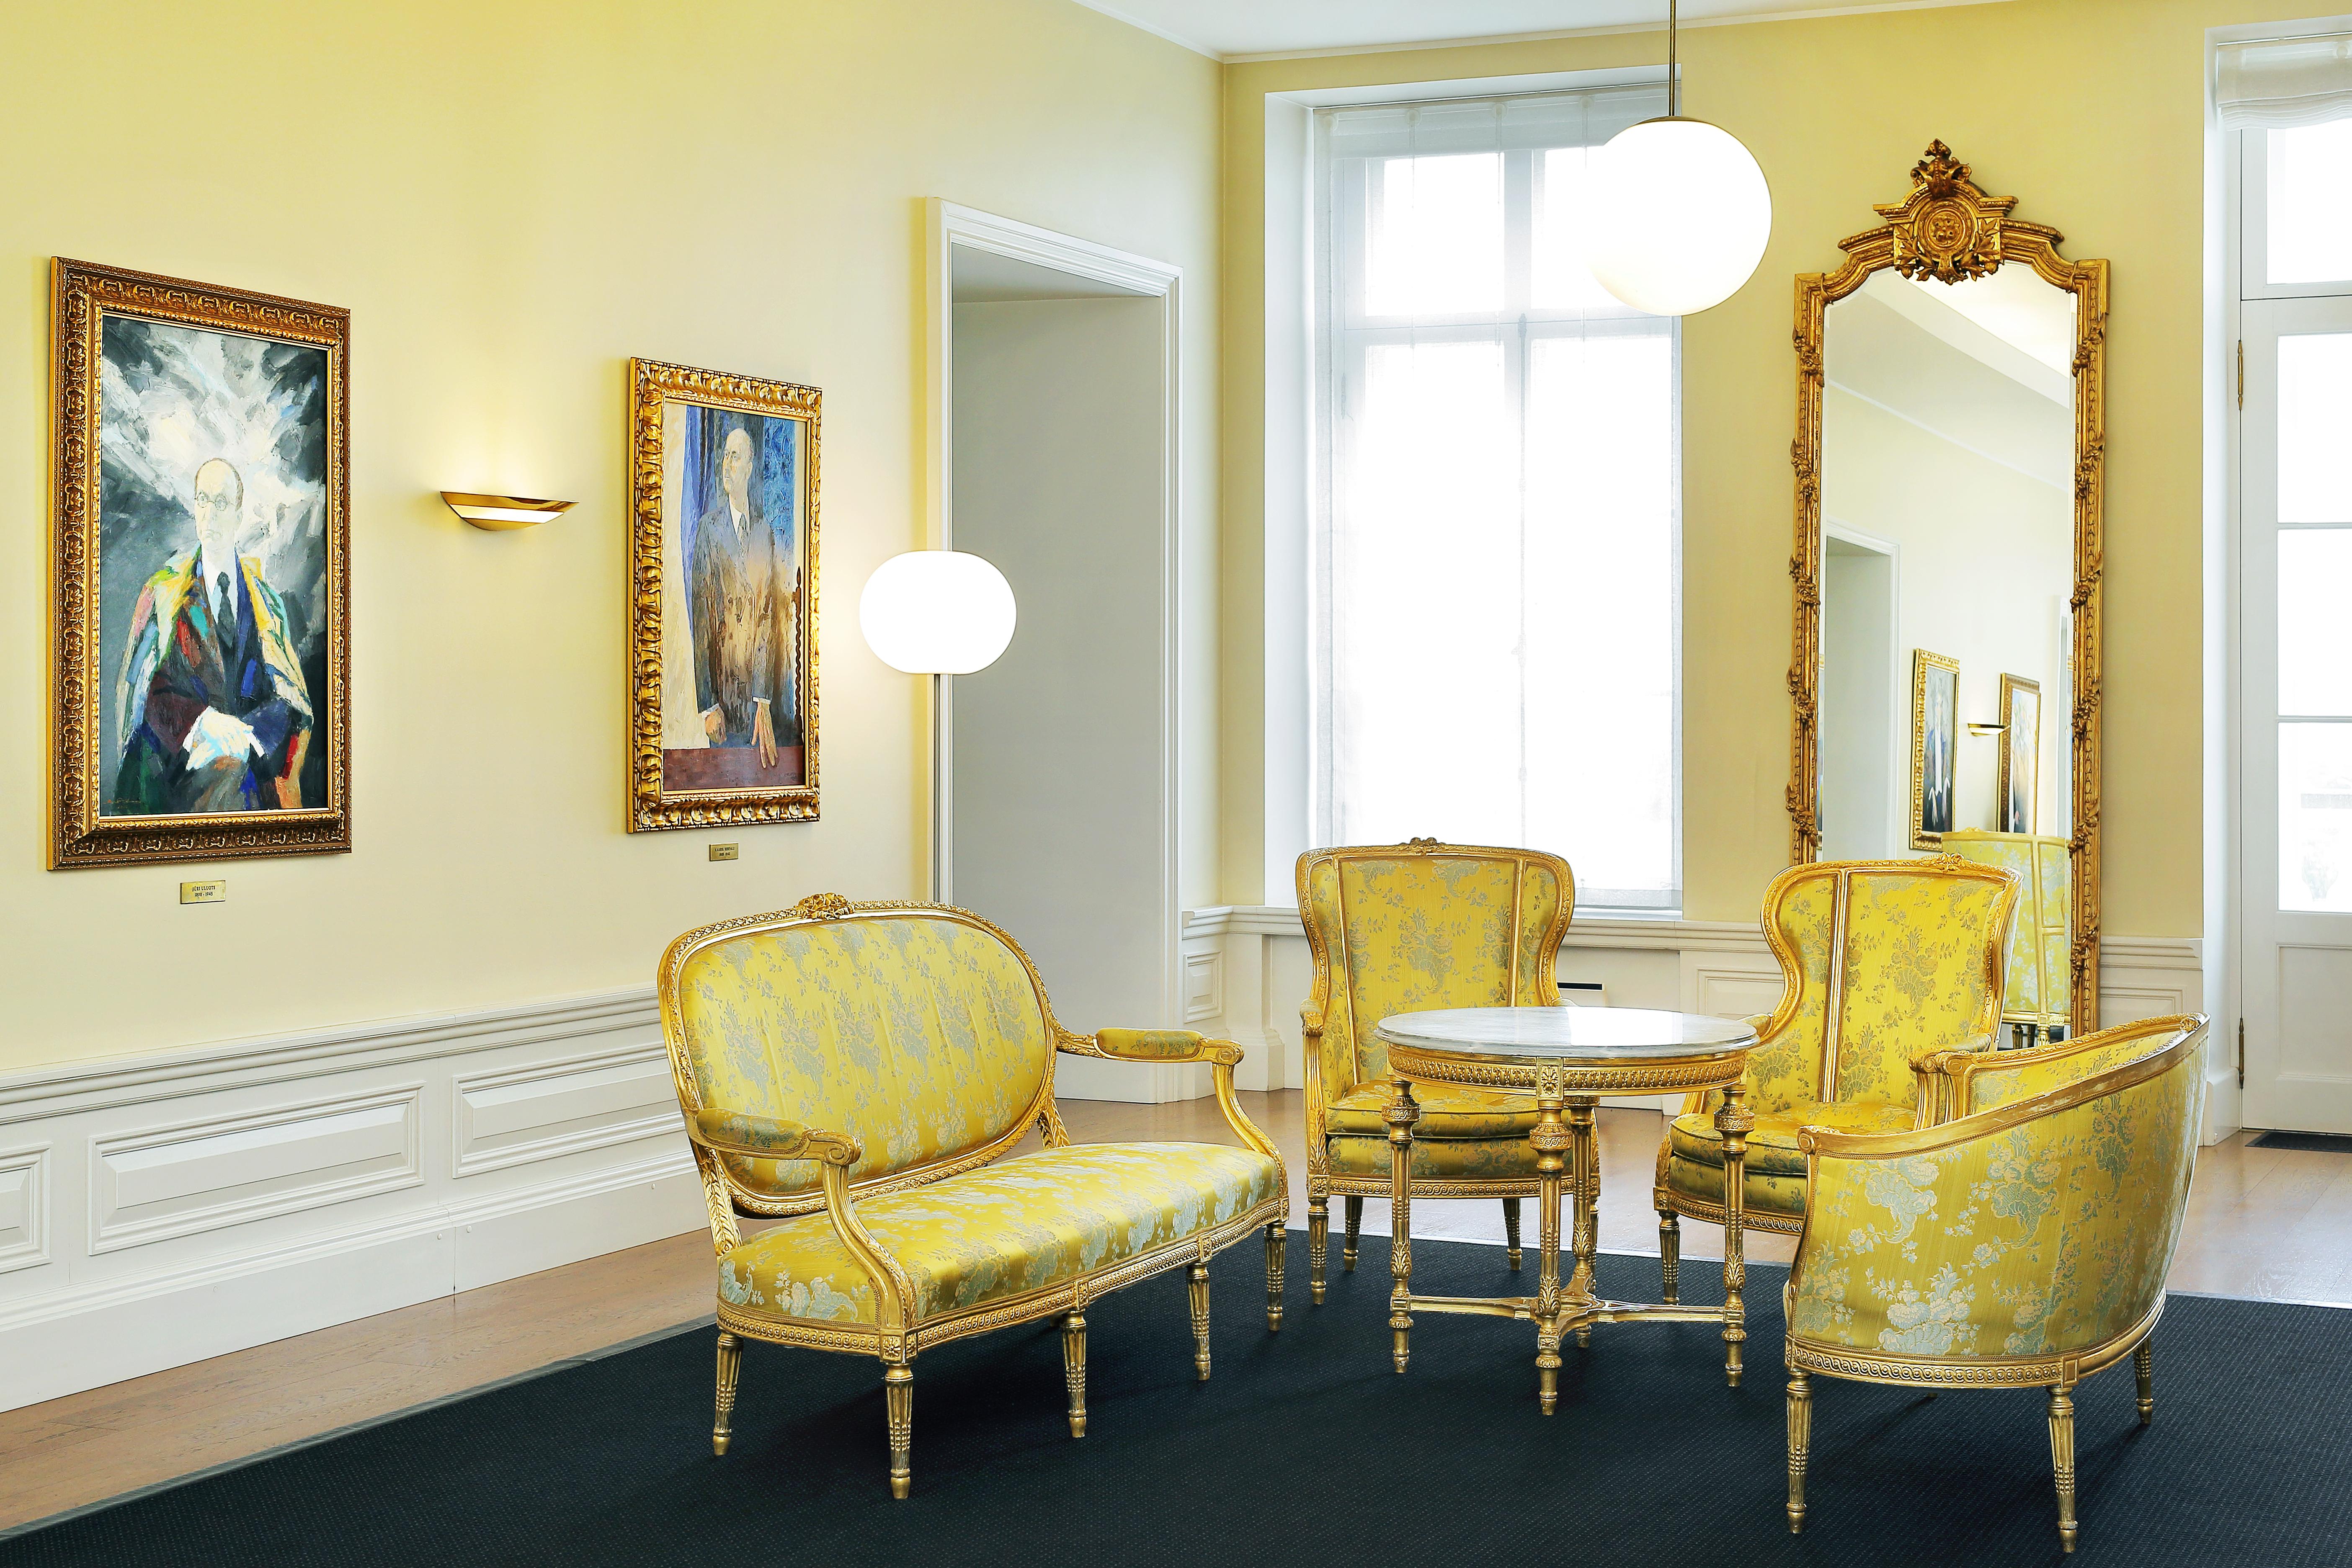 Katrin ja Argo Vaikla: Kuidas kujundada interjööri ajaloolises hoones